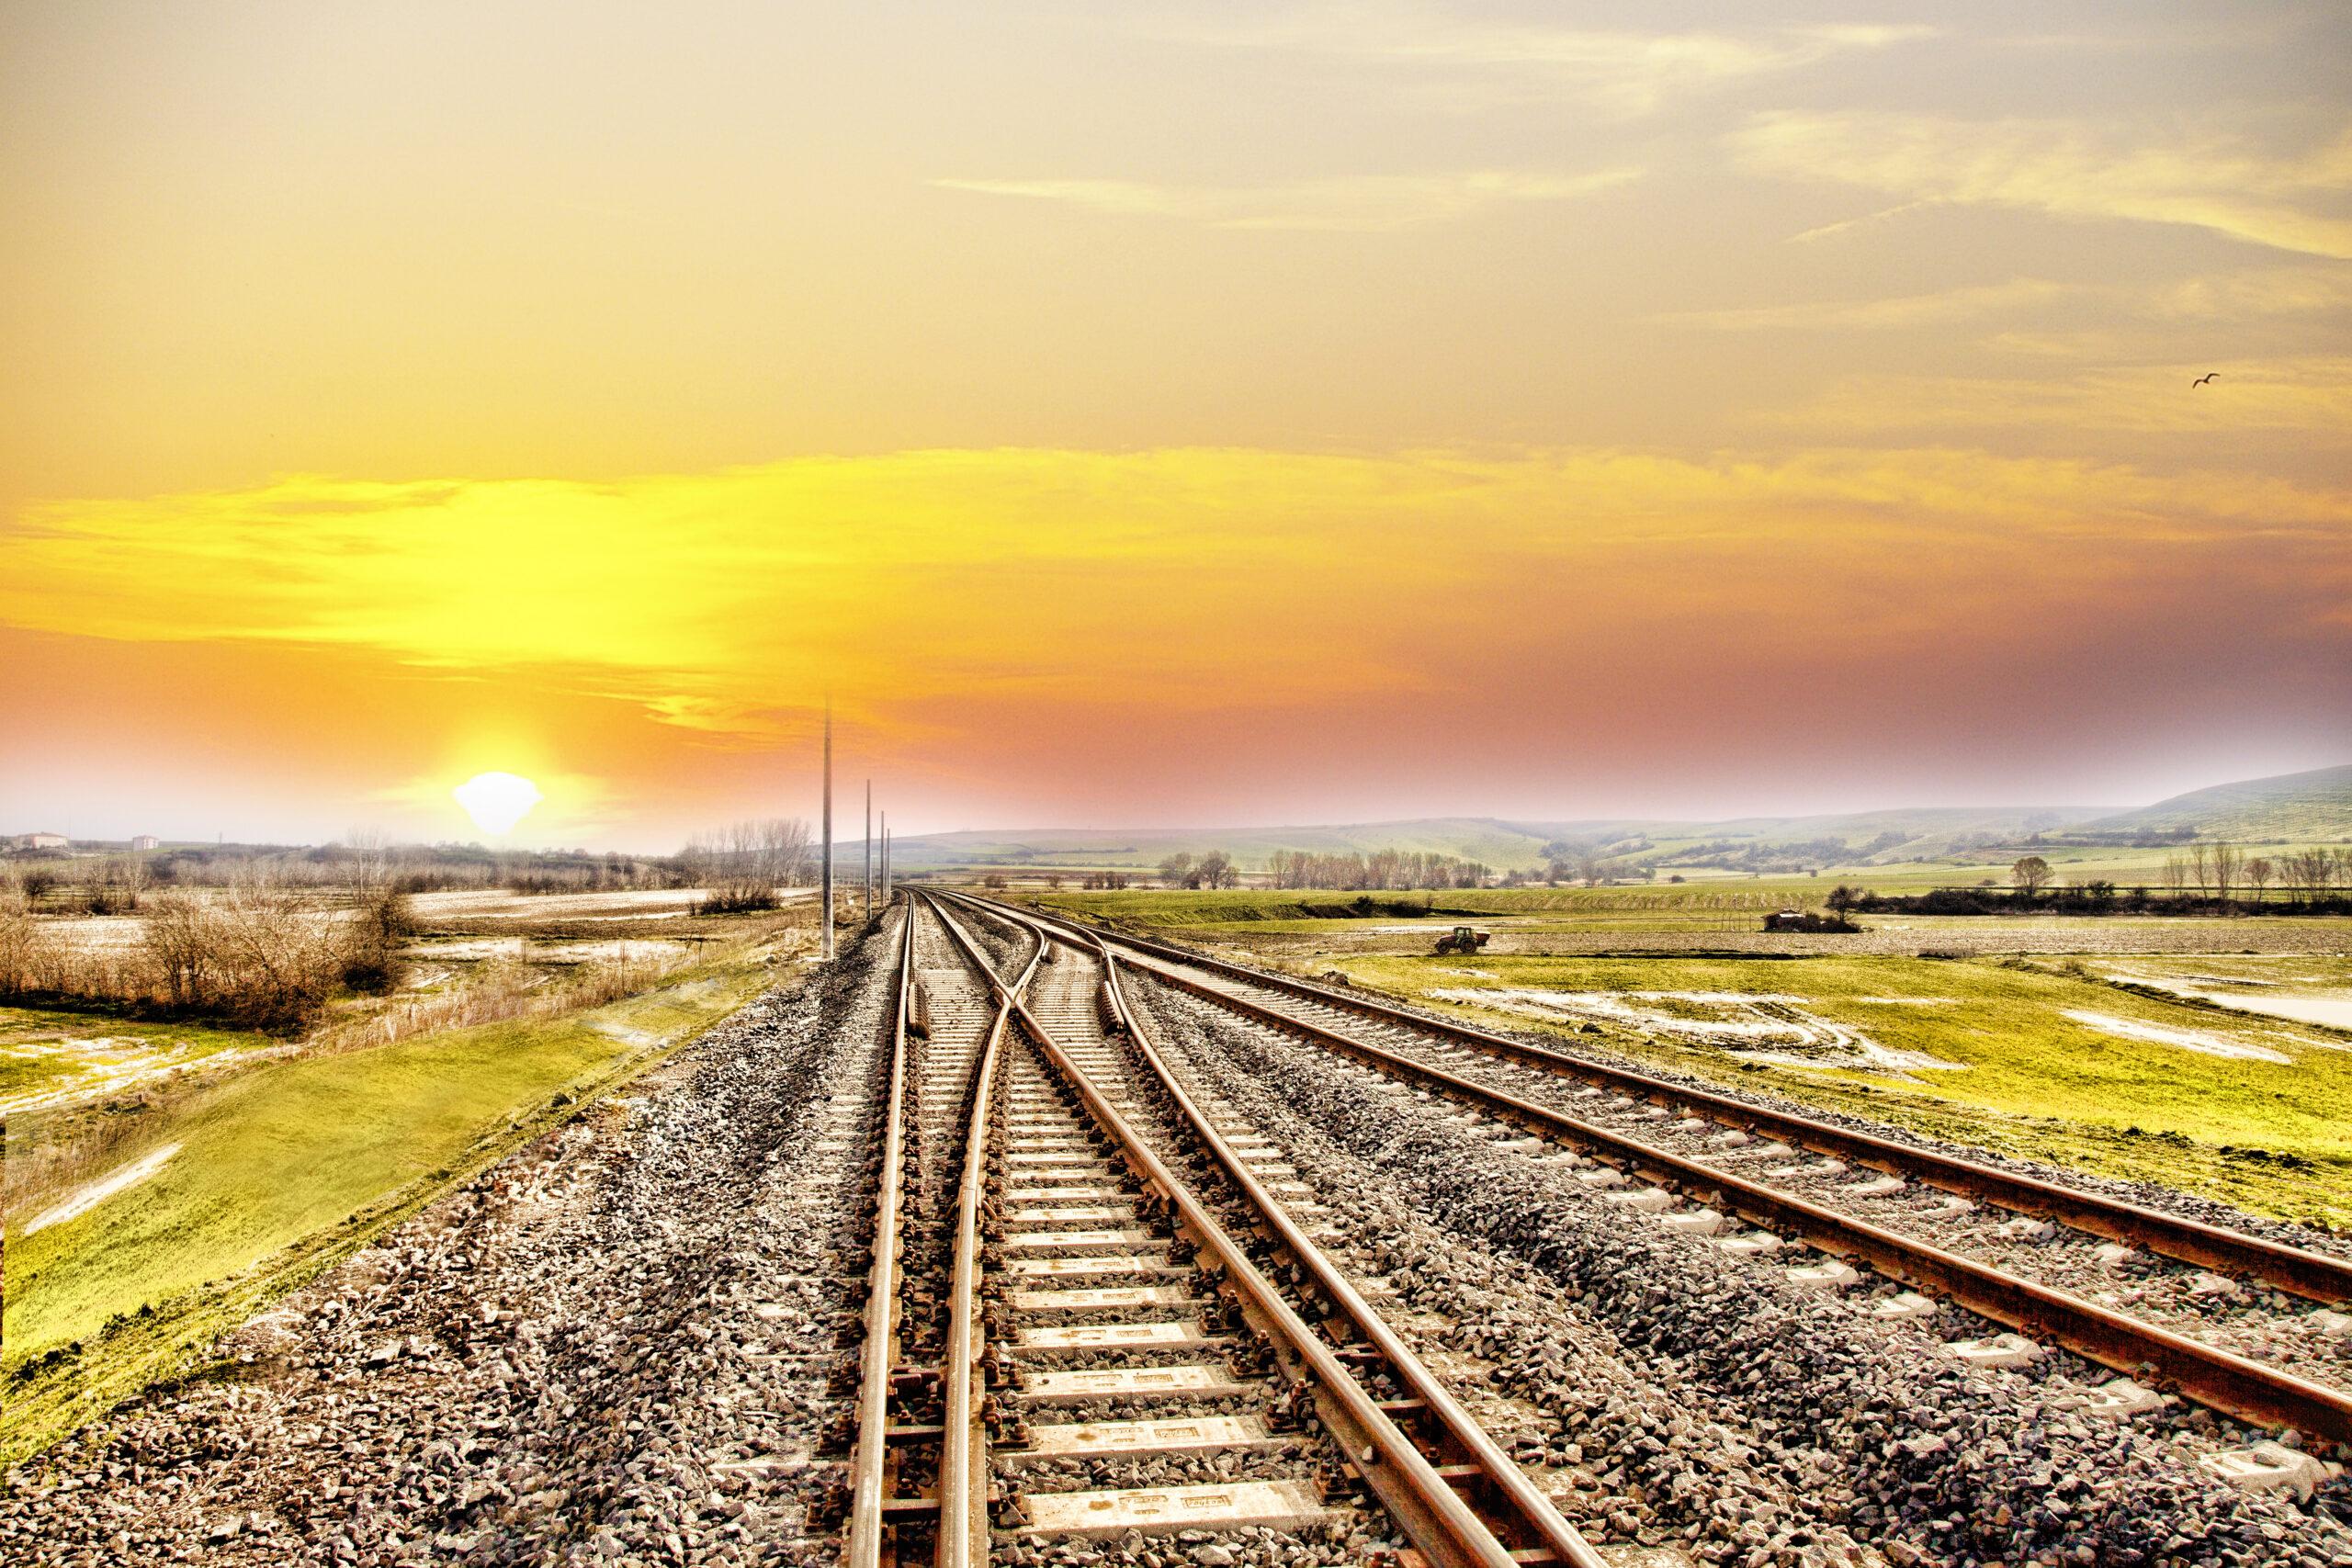 Tekirdağ-Muratlı Line Works